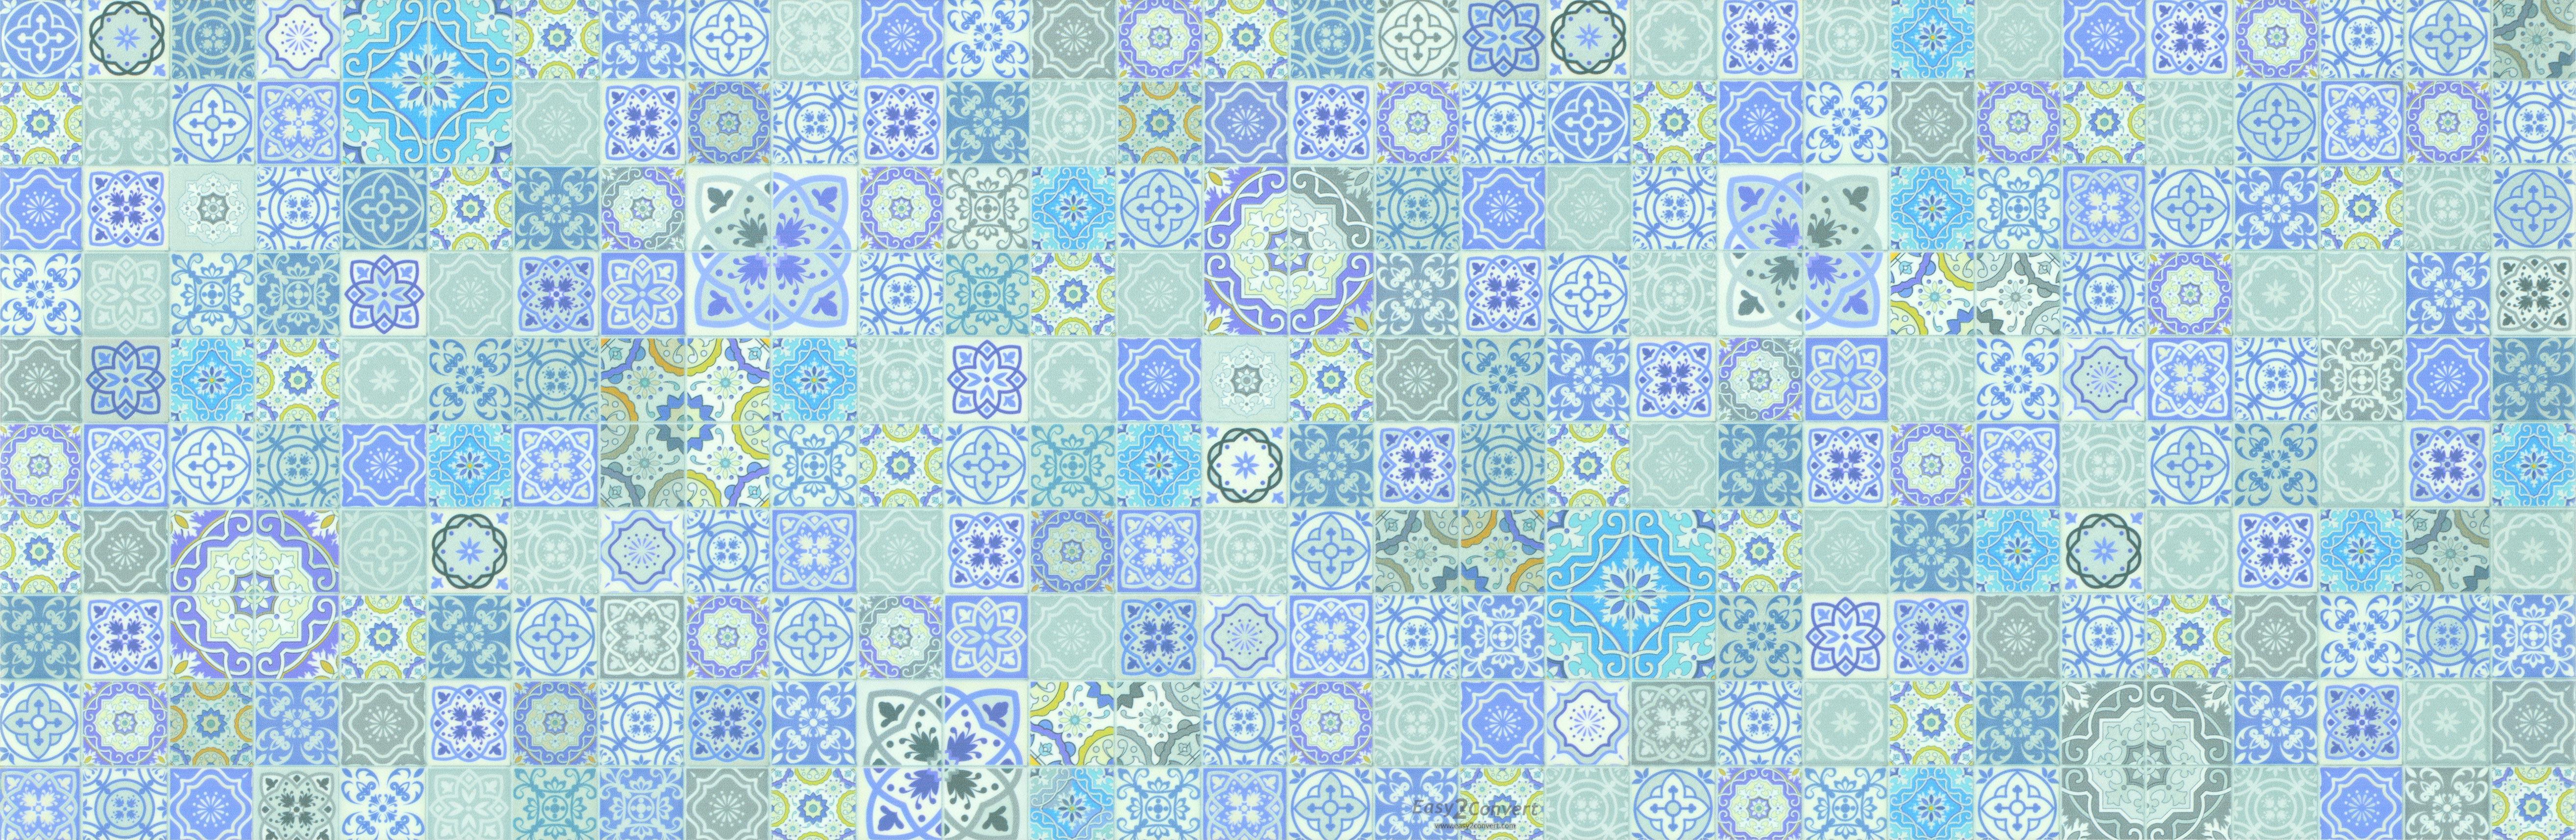 Купить Керамическая плитка Mei Grey Desert серый (O-GRC-WID091-14) декор 29x89, Россия